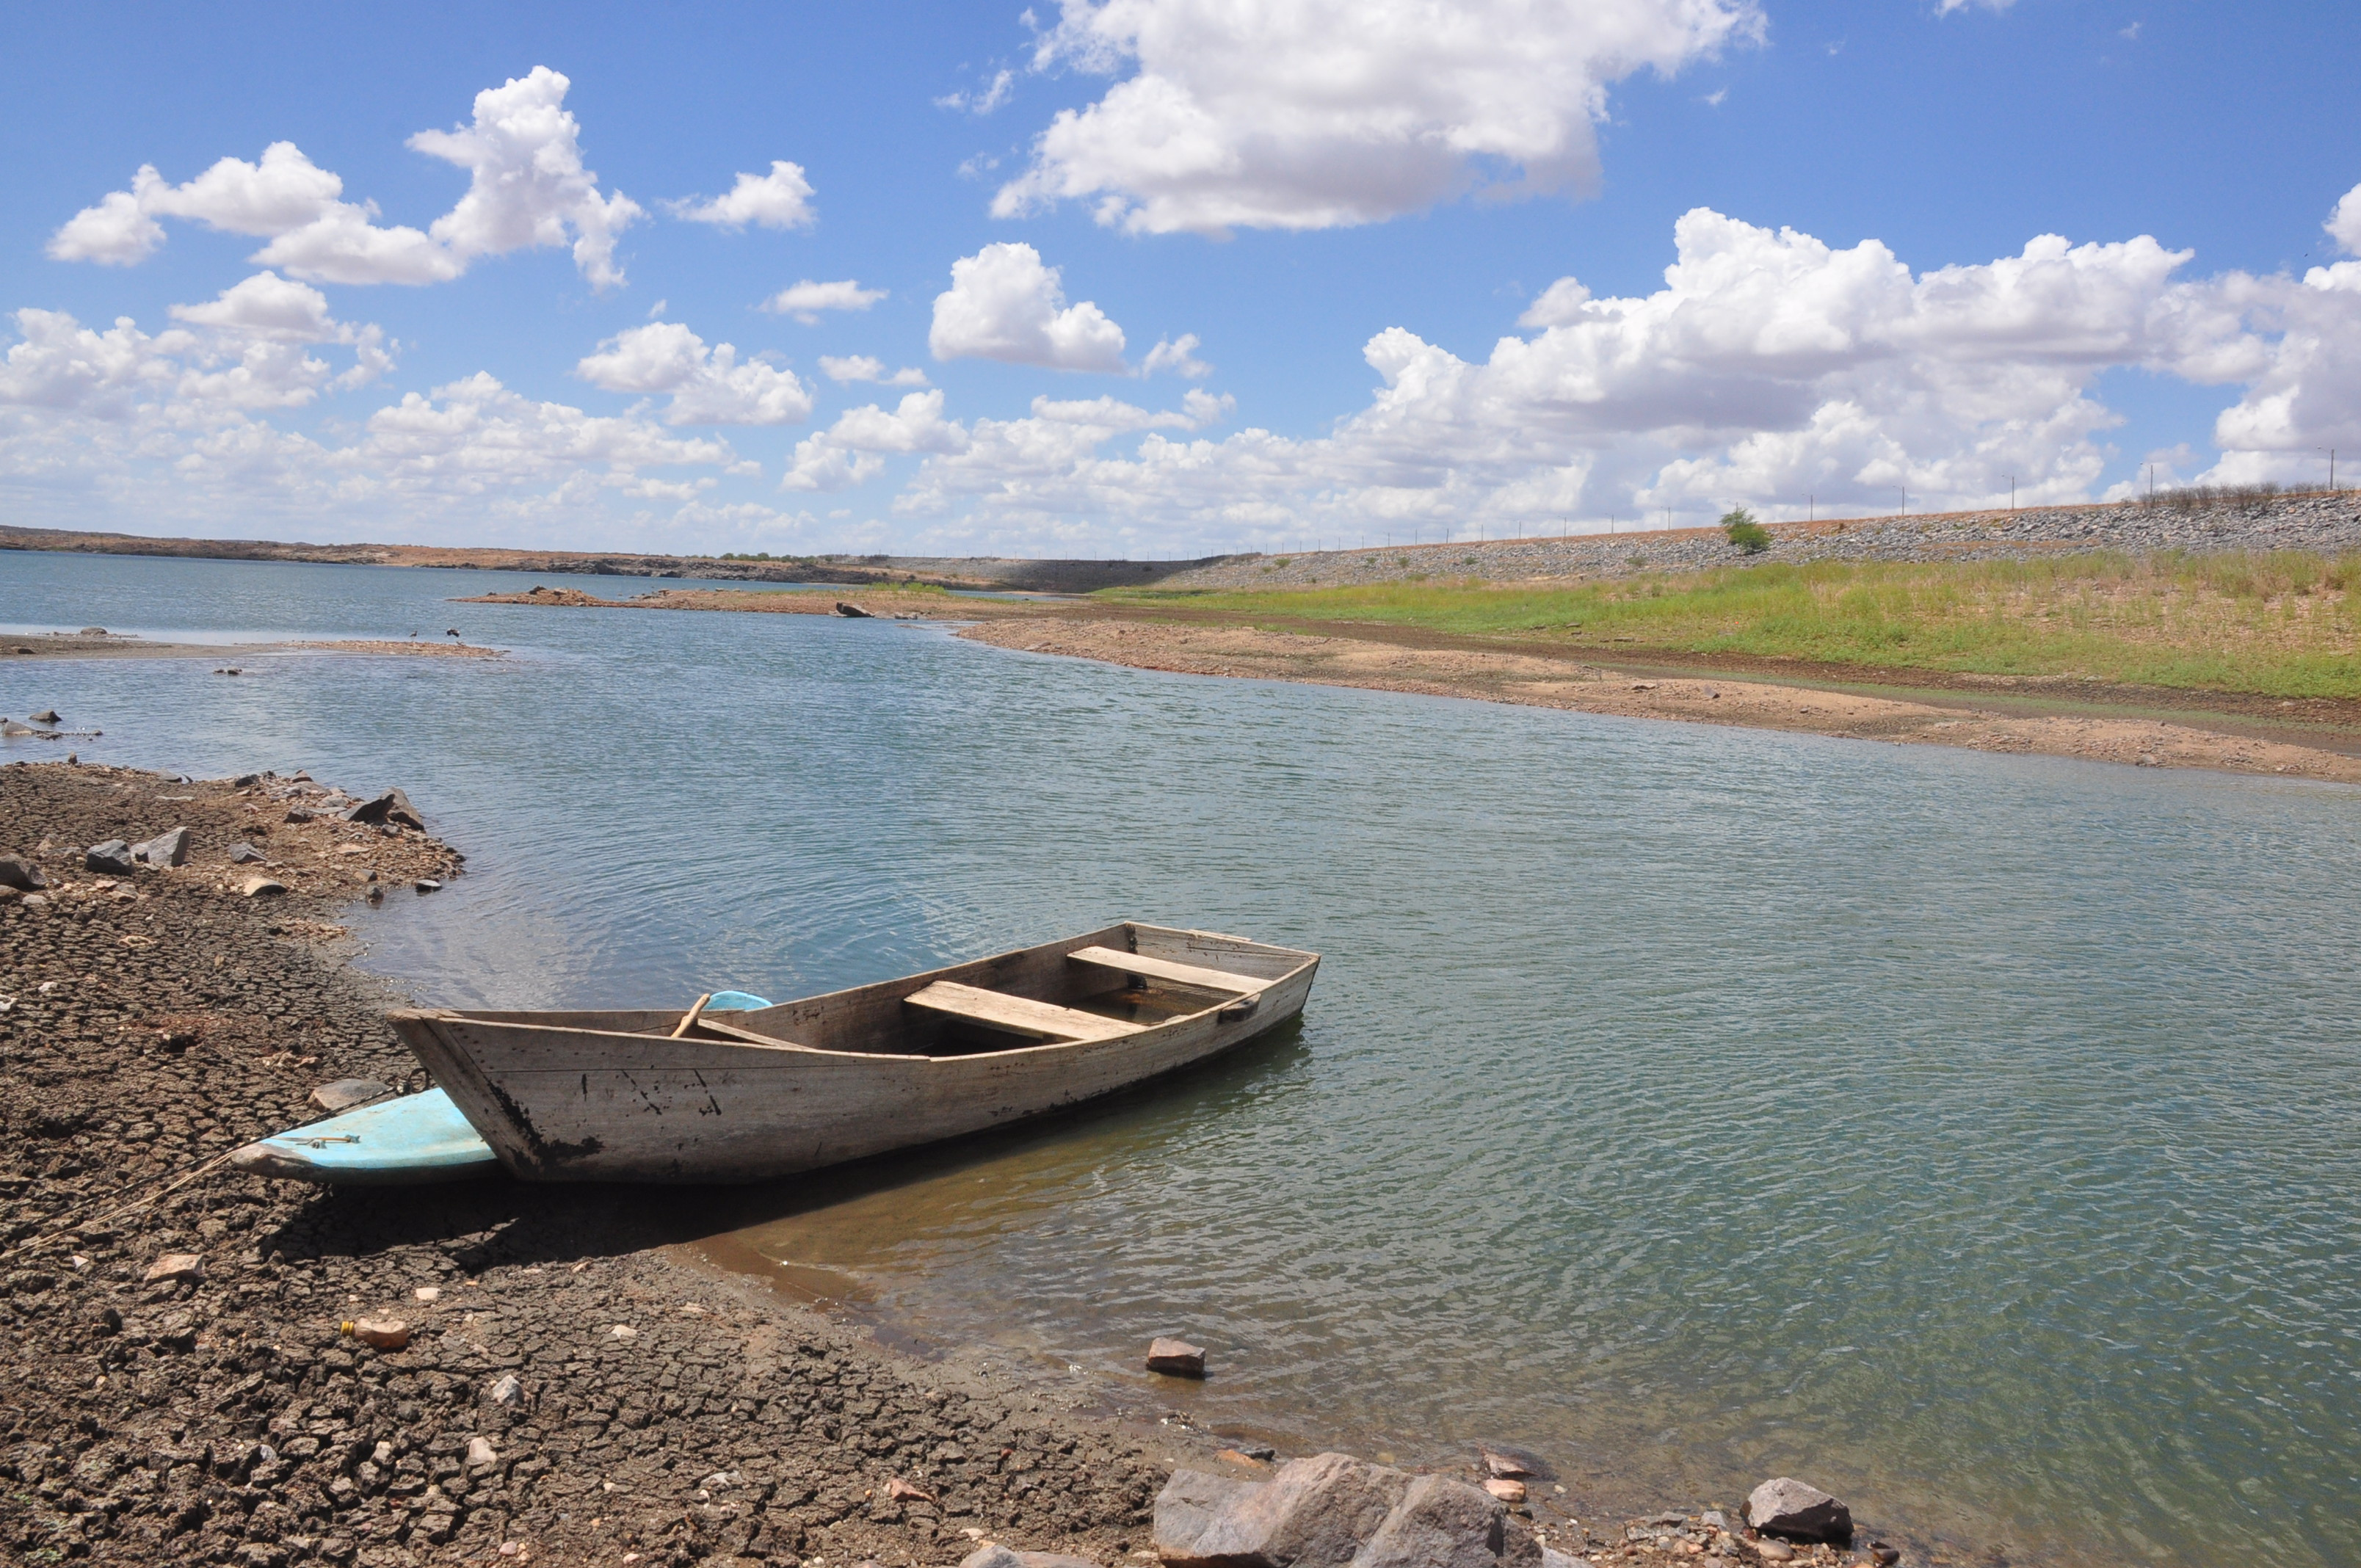 Reservas hídricas potiguares ultrapassam 1 bilhão de metros ...